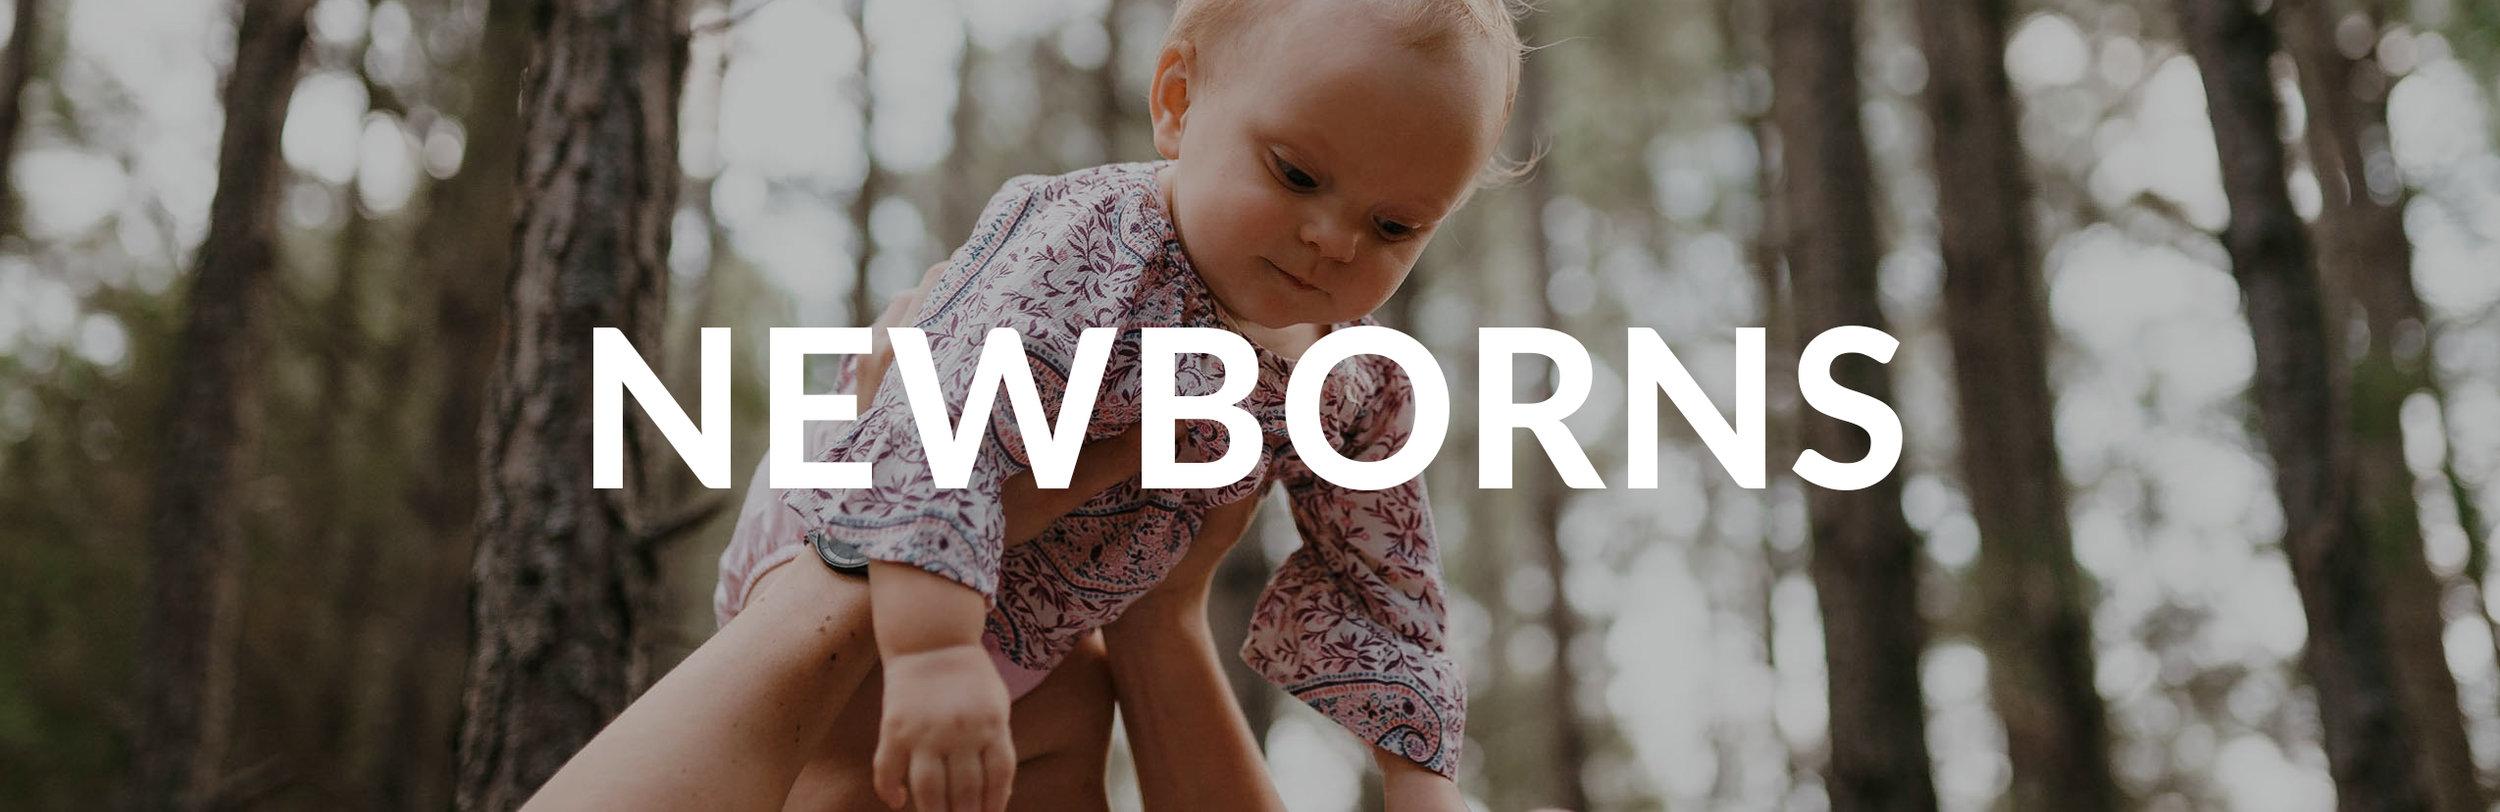 chiropractic care for newborns photo